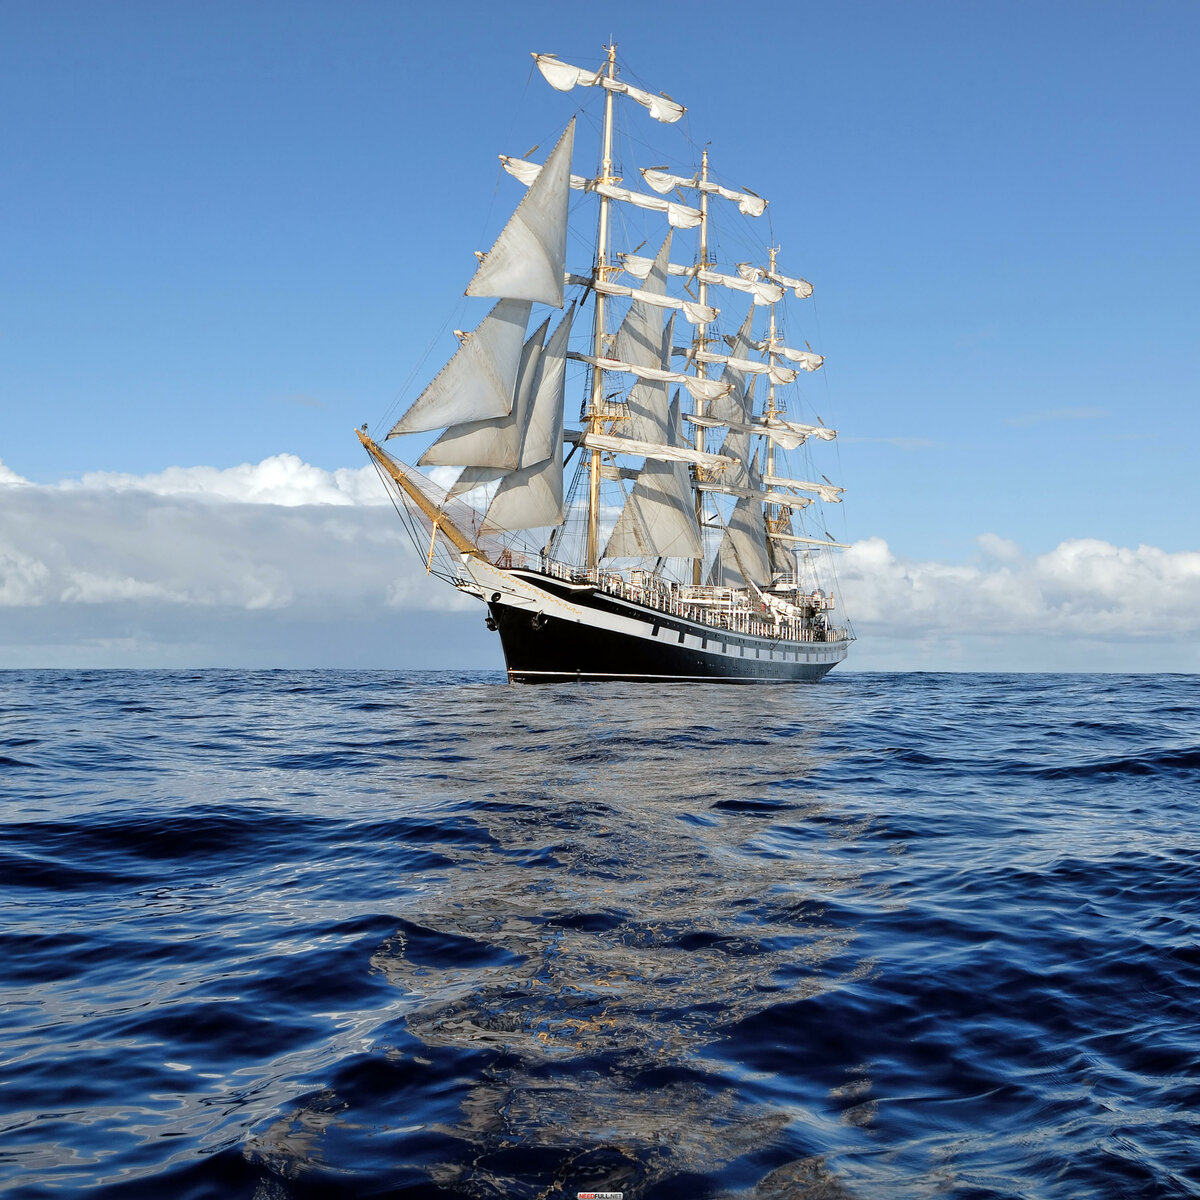 каждого корабль плывет по океану картинки любовь приумножит